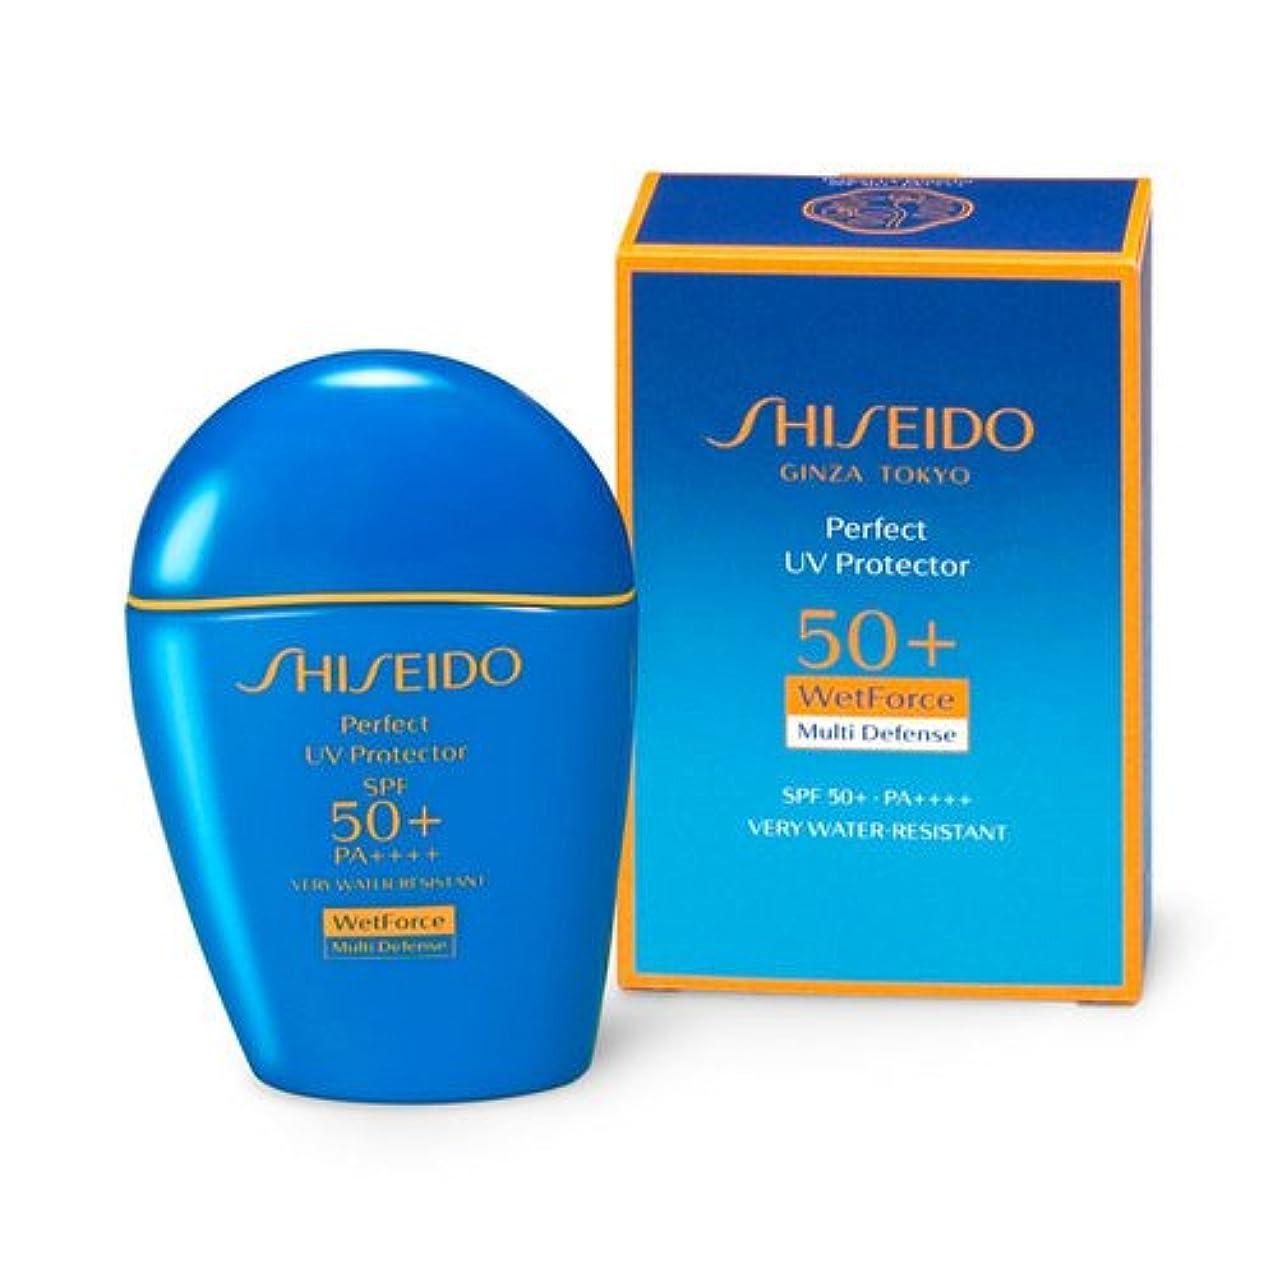 直面する特許無効SHISEIDO Suncare(資生堂 サンケア) SHISEIDO(資生堂) パーフェクト UVプロテクター 50mL